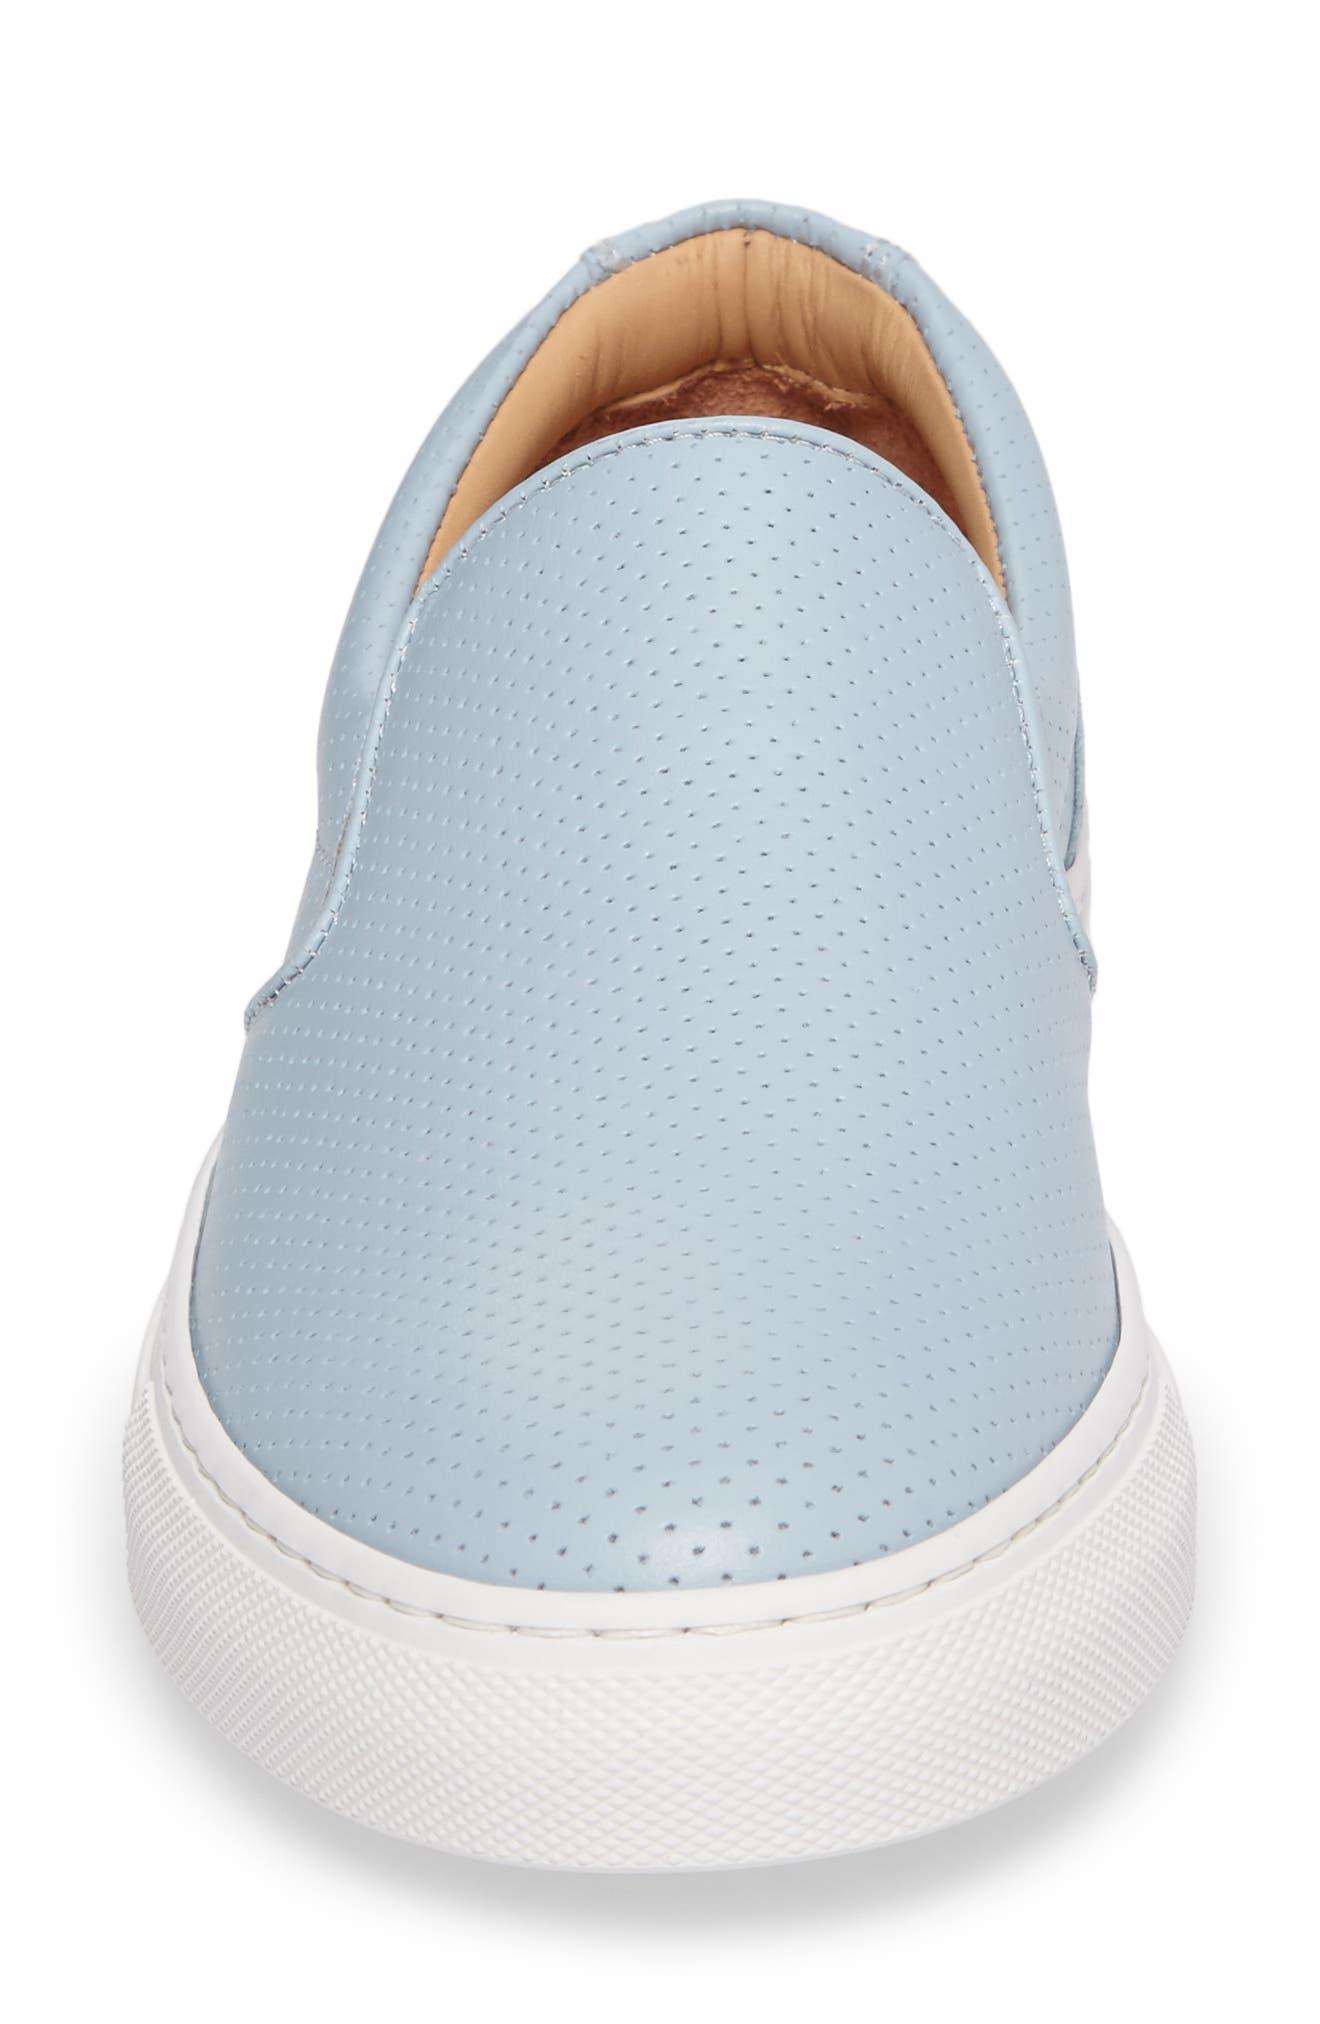 Alternate Image 4  - Greats Wooster Slip-On Sneaker (Women)